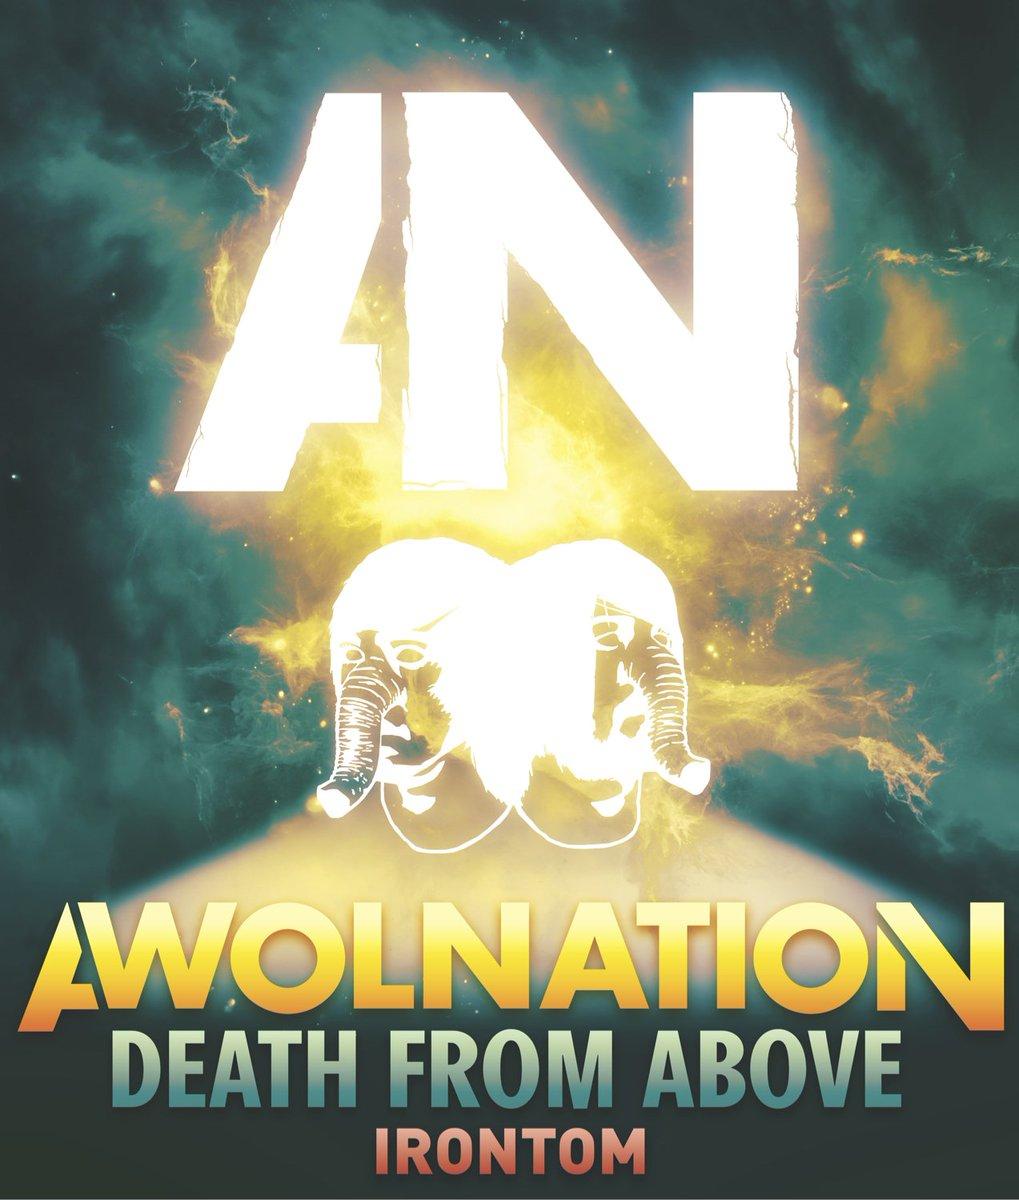 AWOLNATION (@awolnation) | Twitter